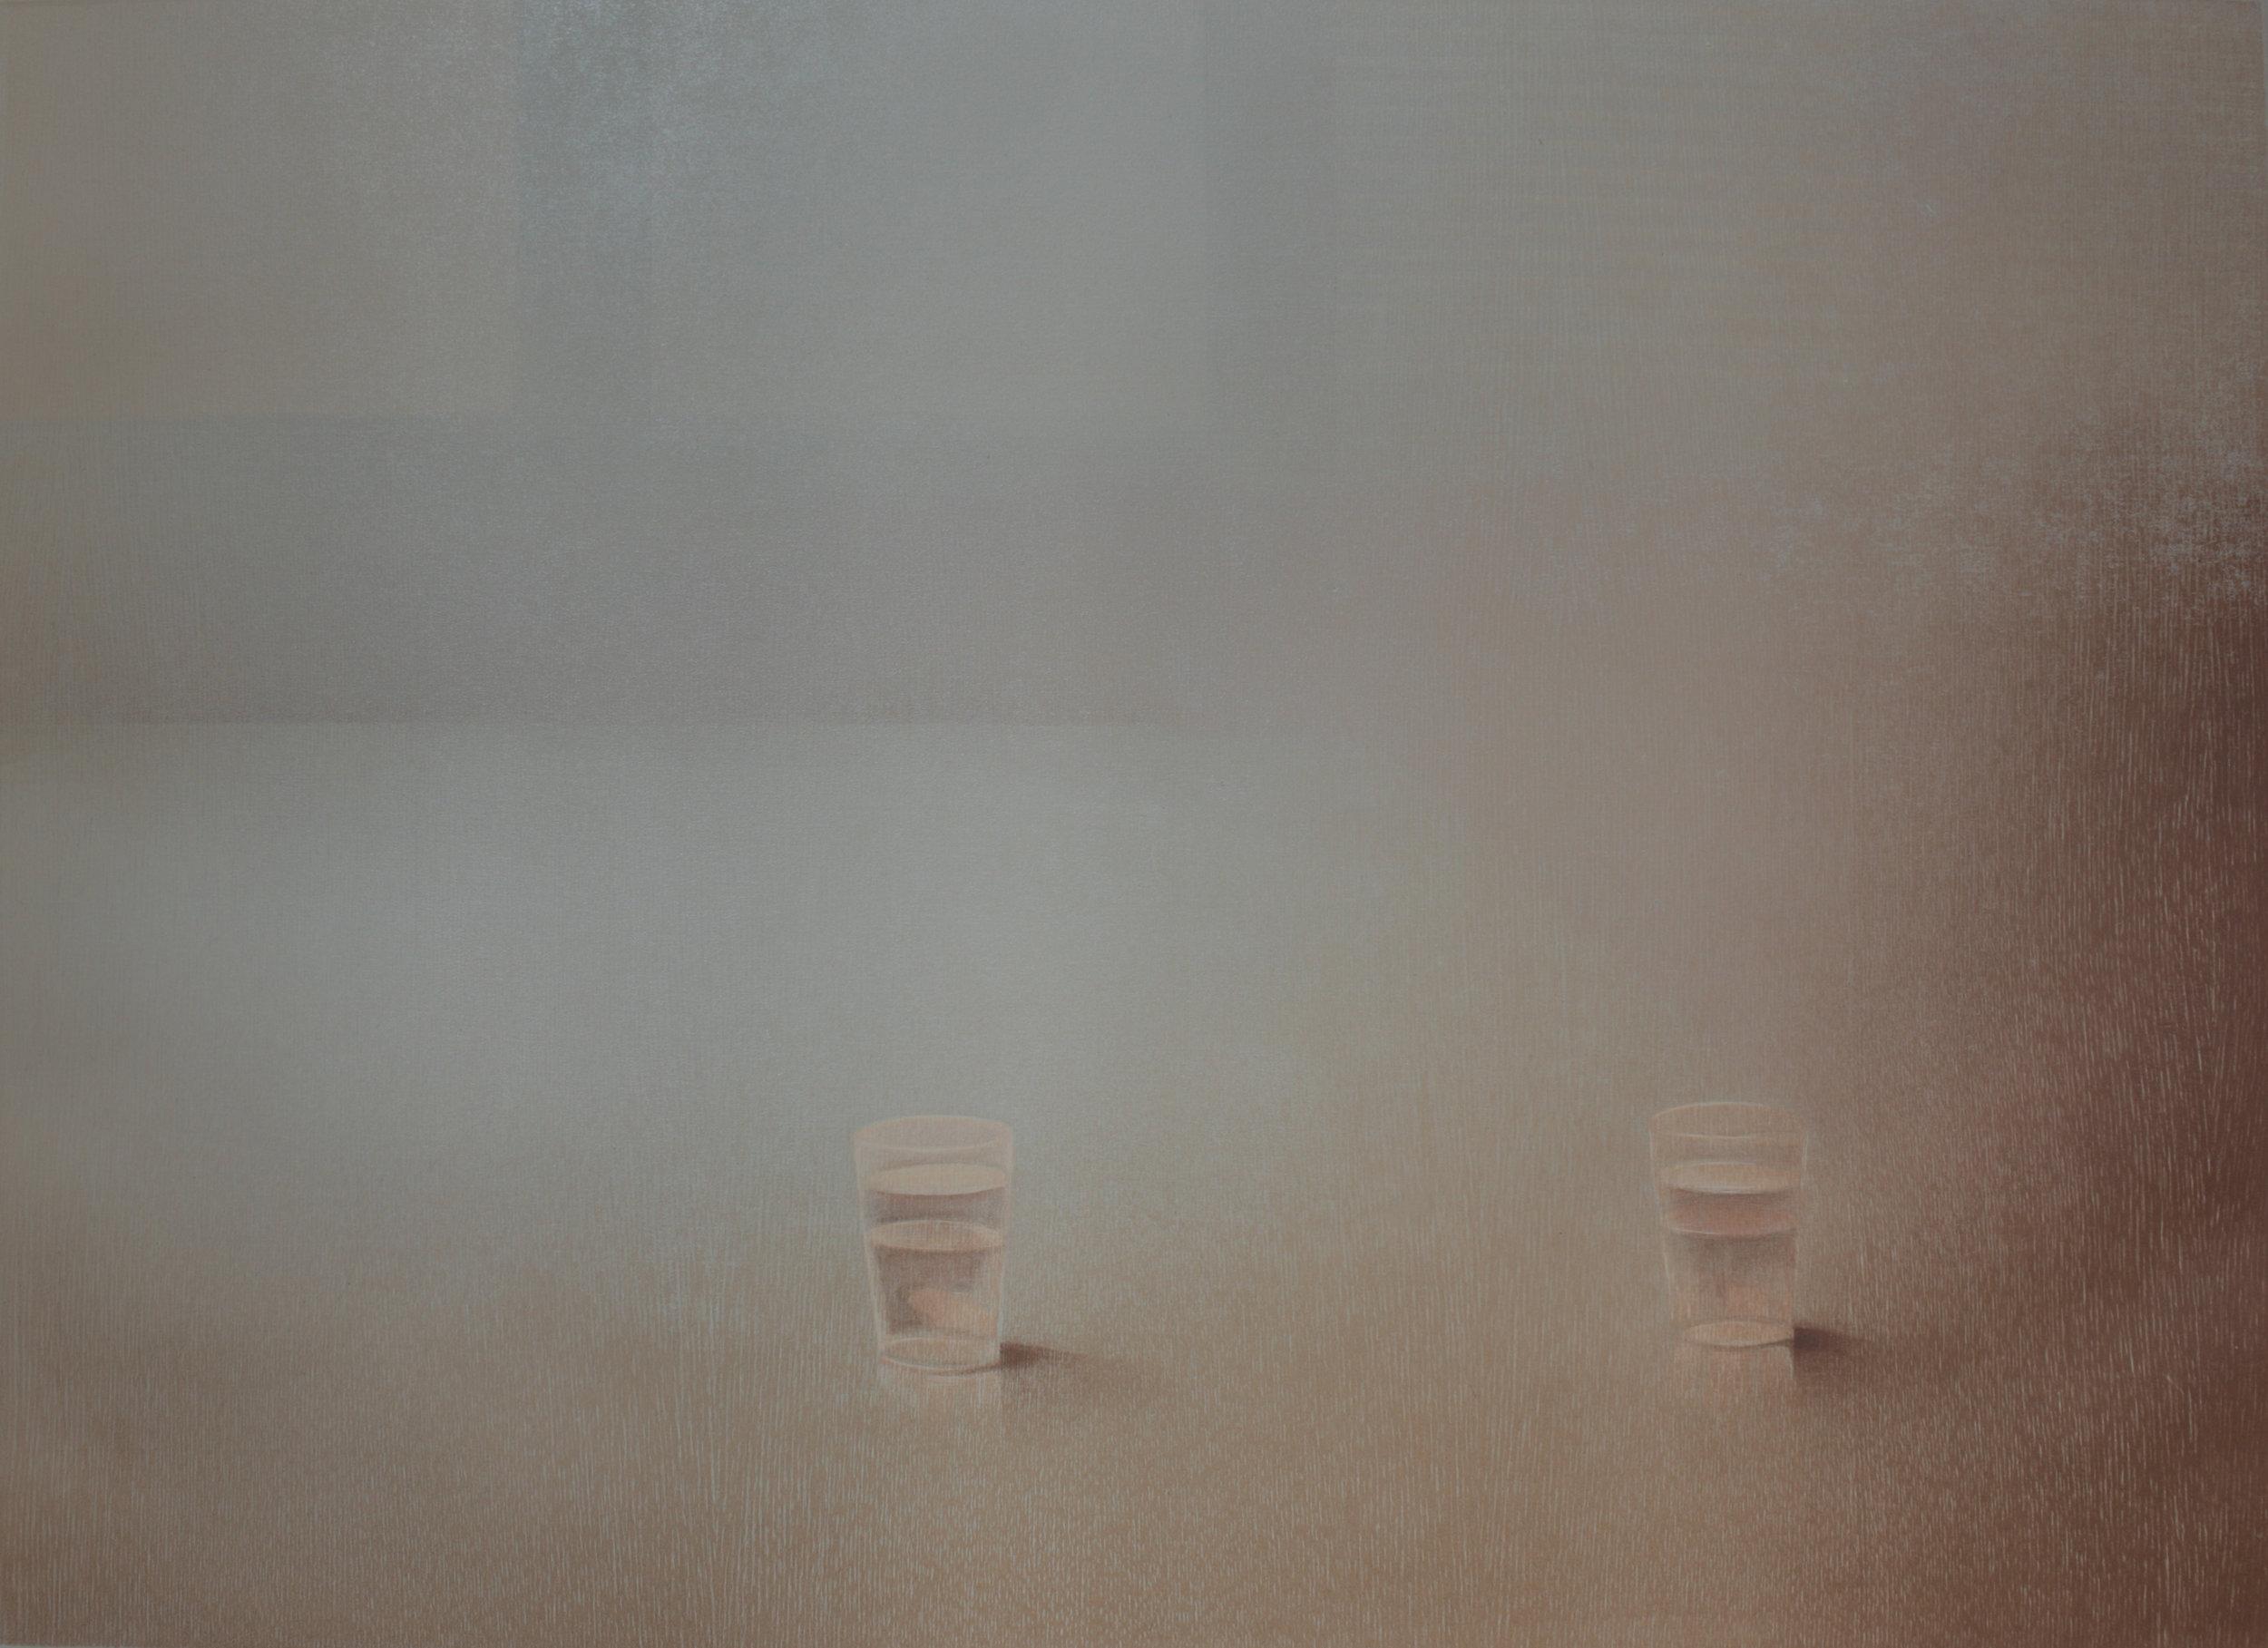 Praween PIANGCHOOMPU, Sanctuary Inside The Soul #29, 2018, Woodcut on Paper, 2 of 5, 59 x 84 cm